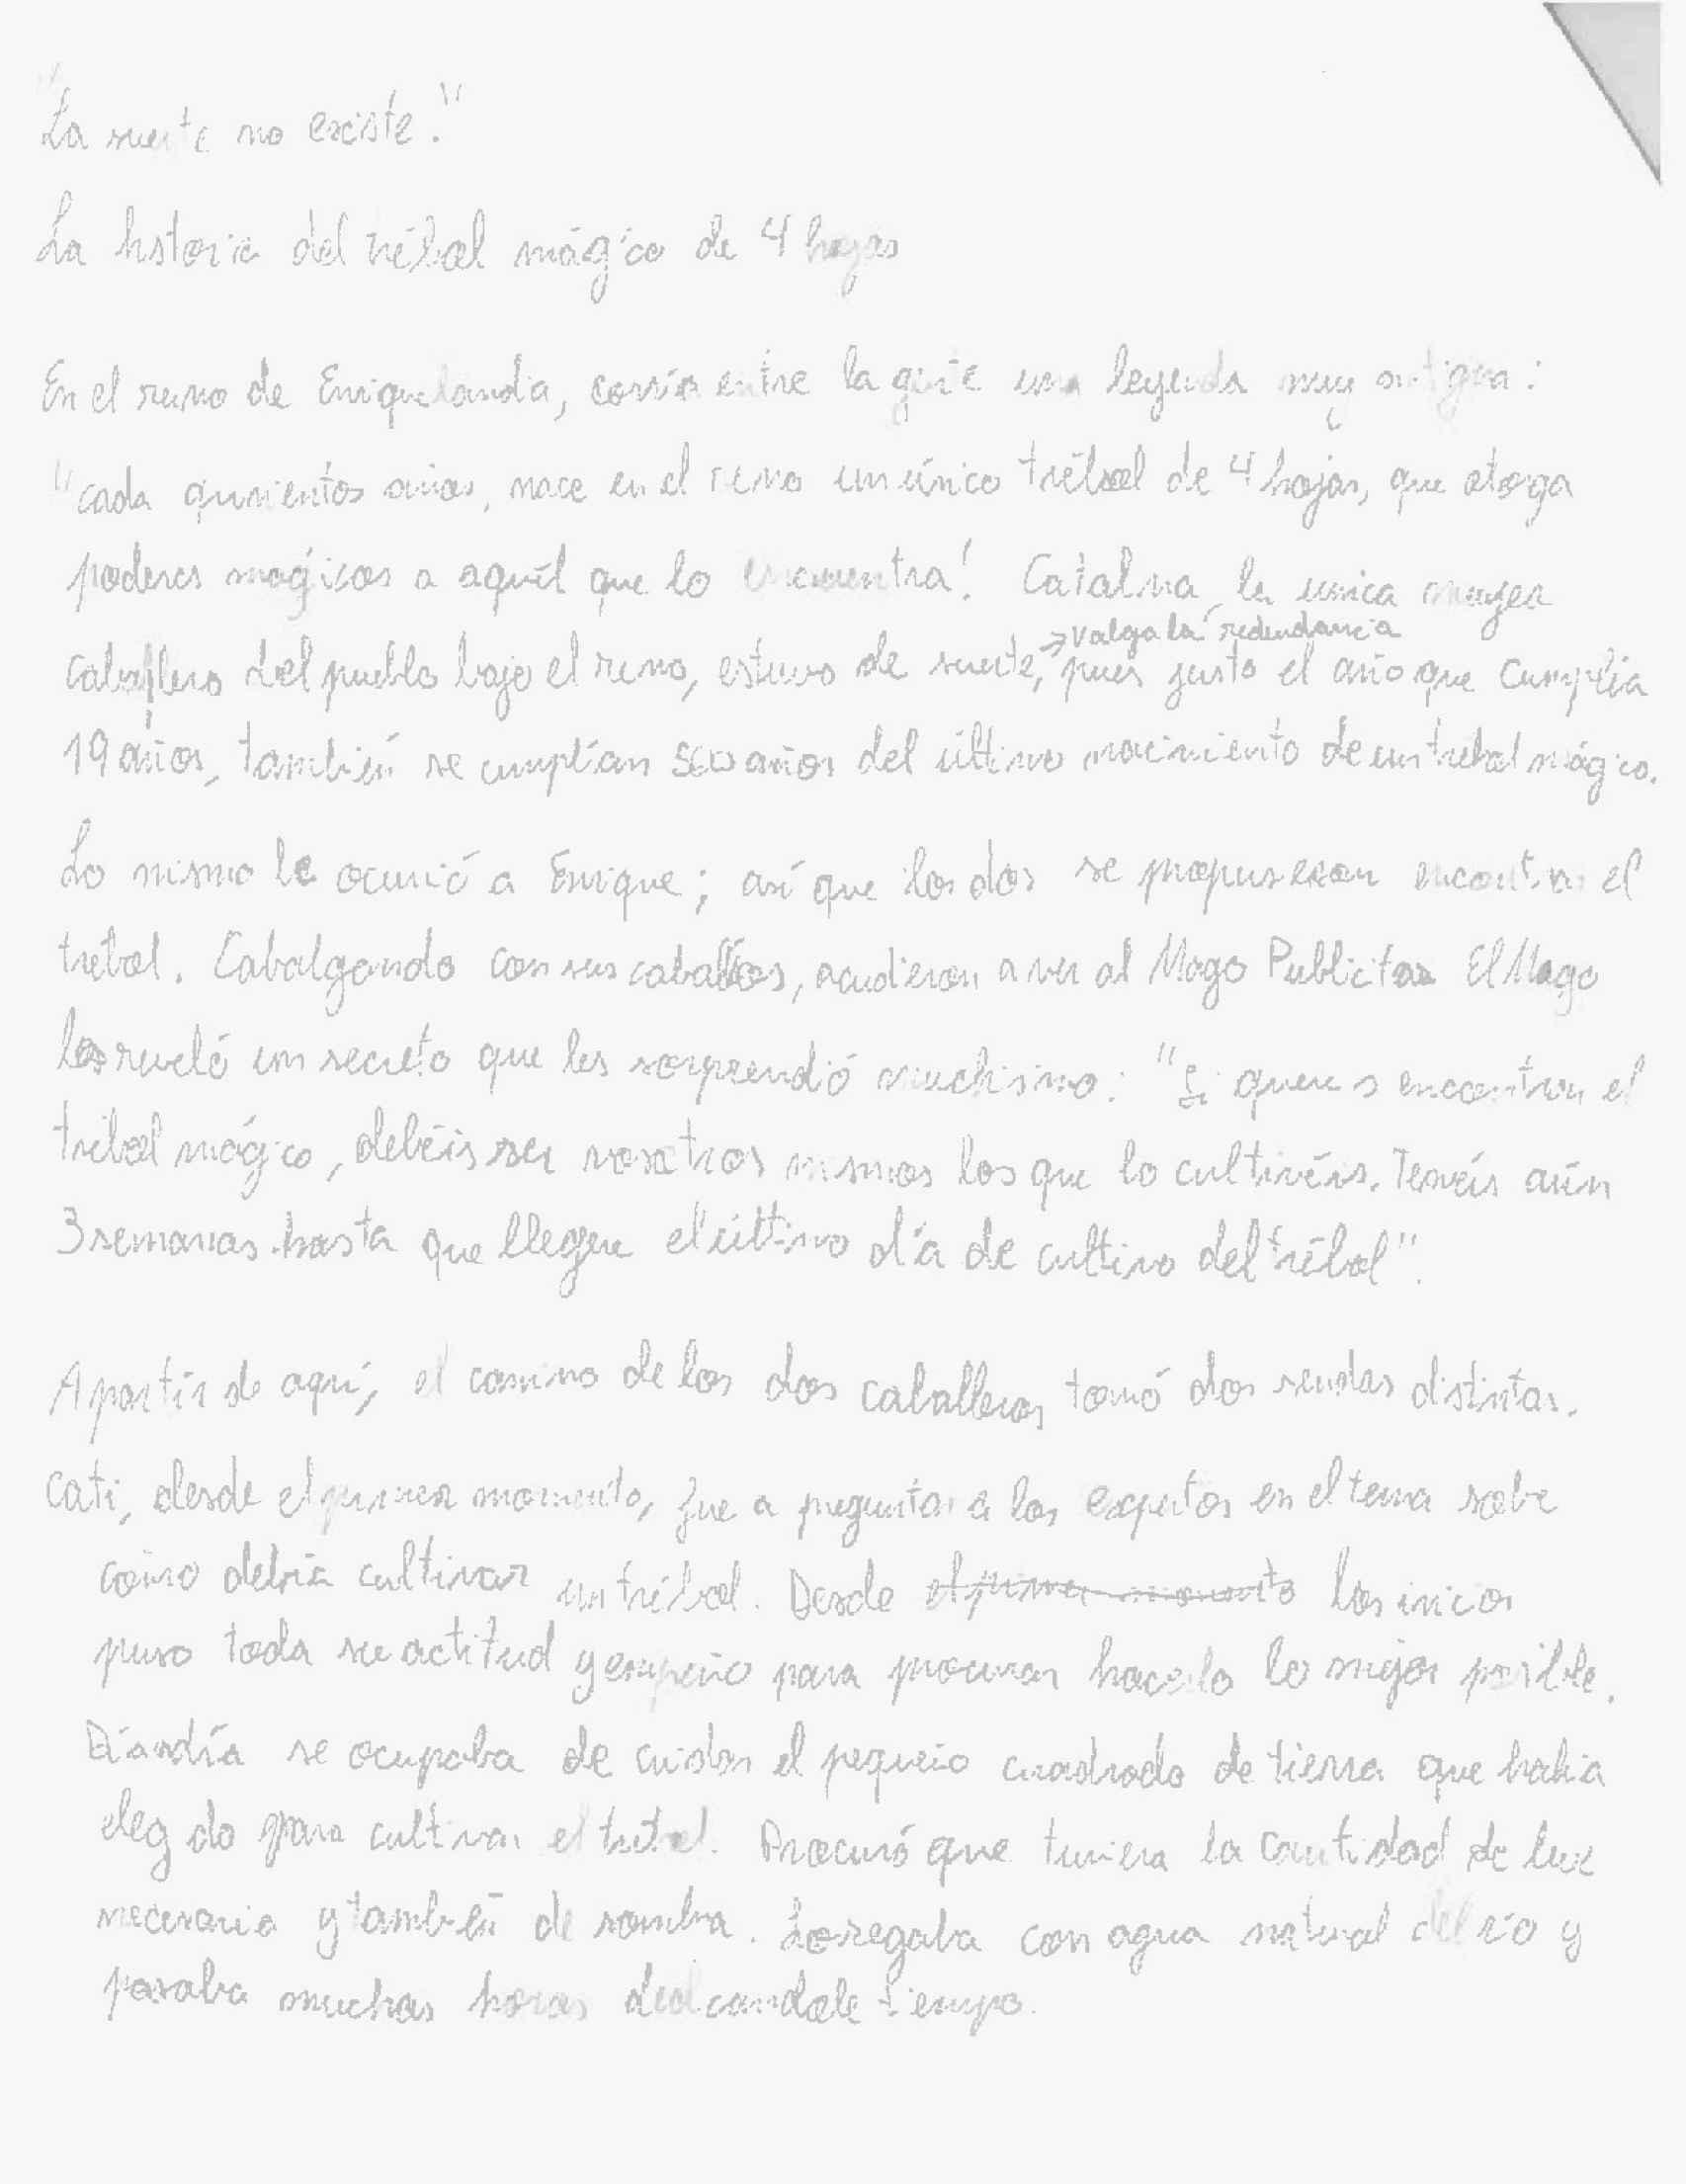 Primera parte del relato que Enrique Ruiz escribió en su examen de Publicidad.